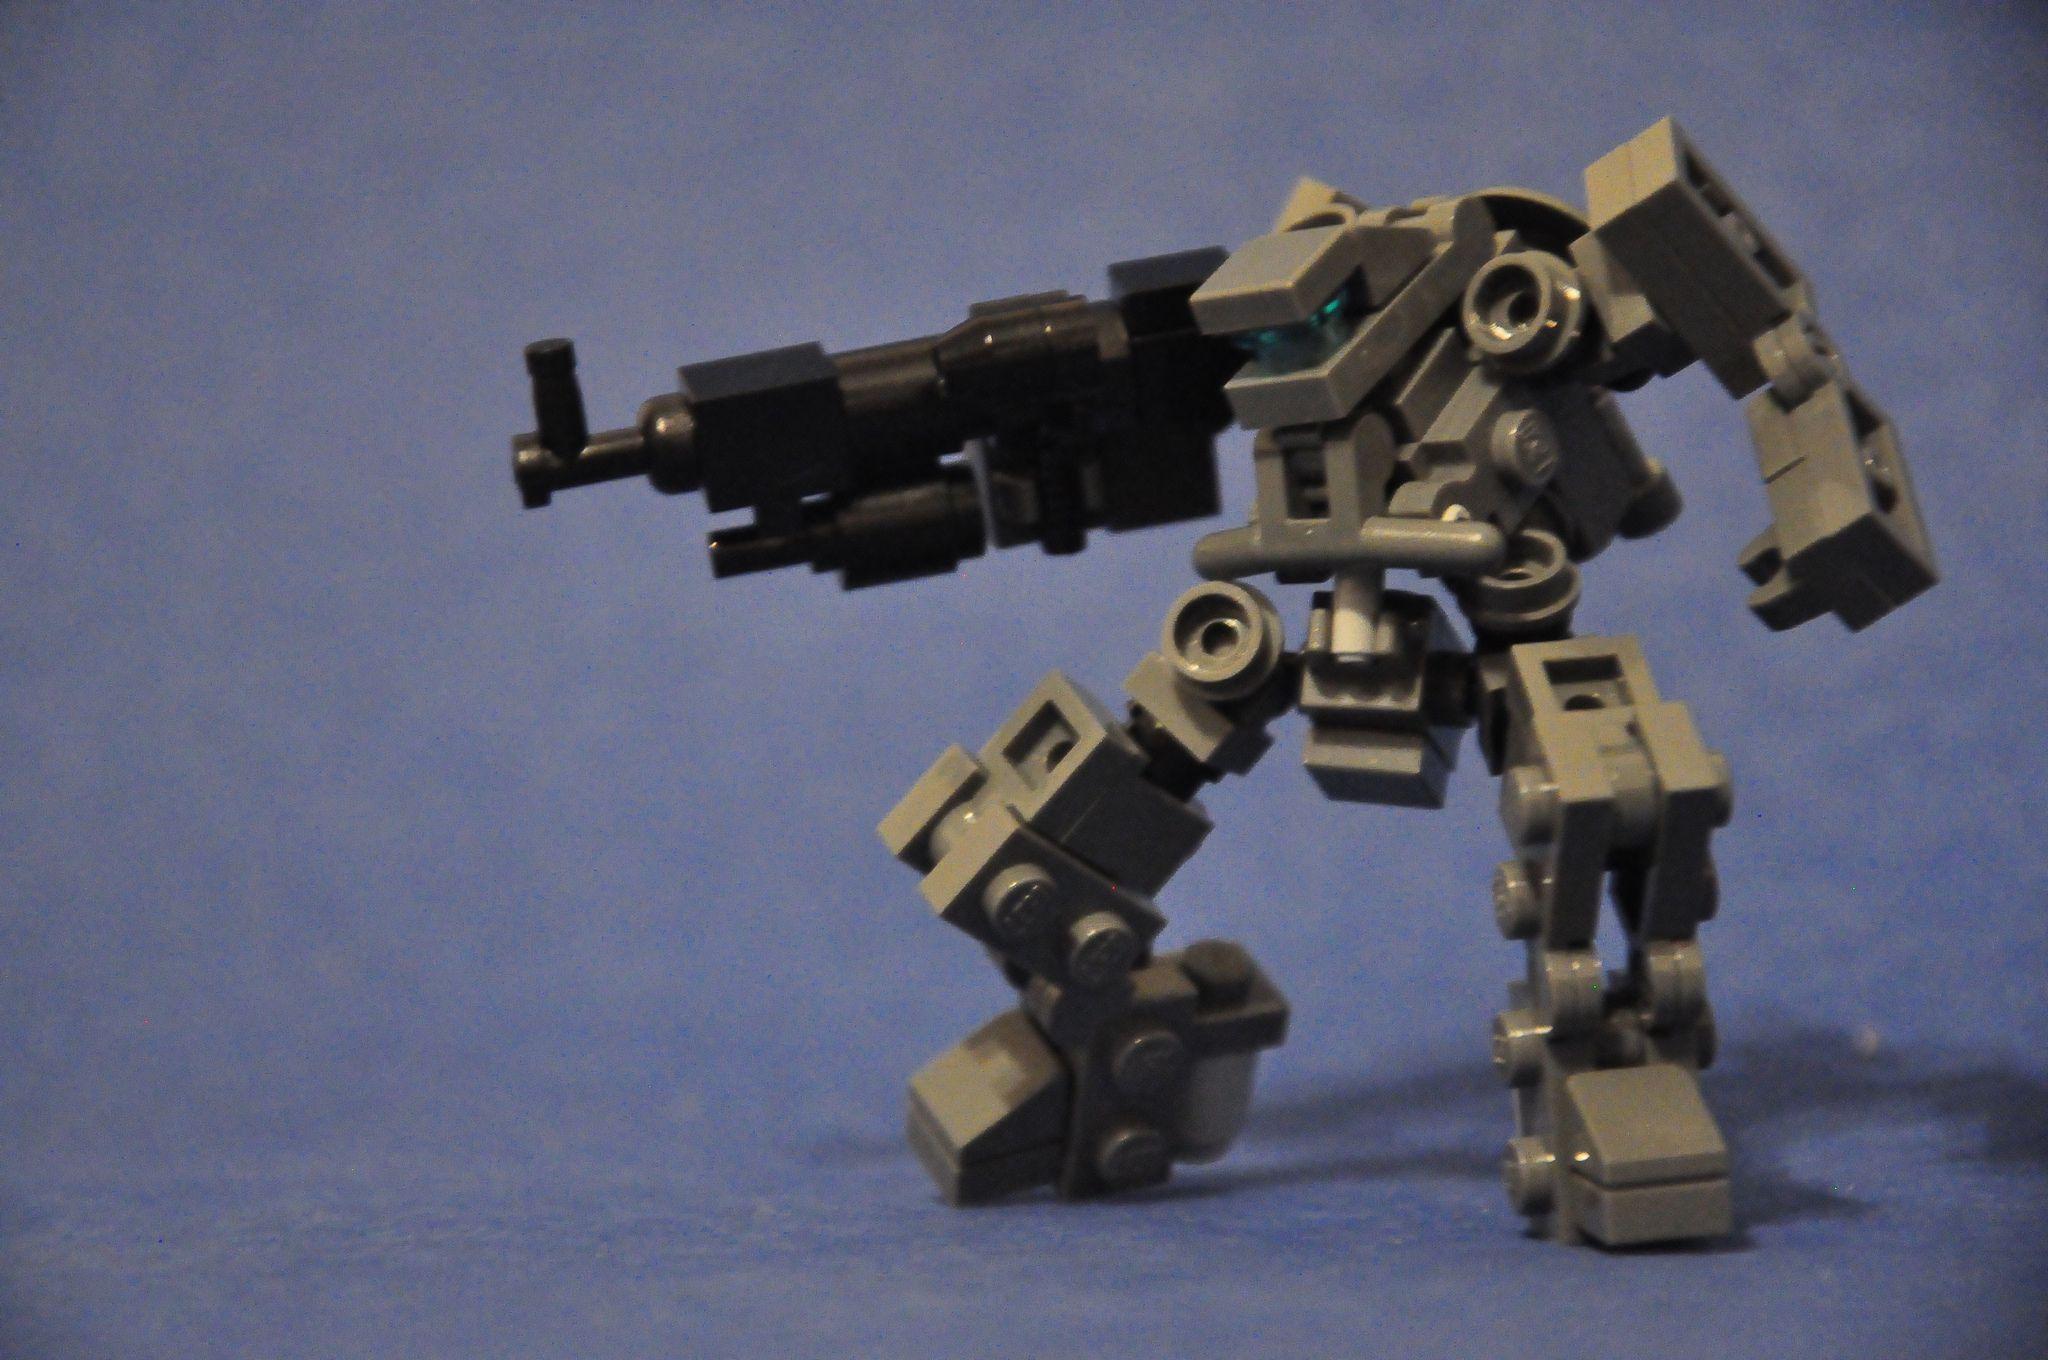 Incubus | Lego mecha | Lego models, Lego robot, Lego creations